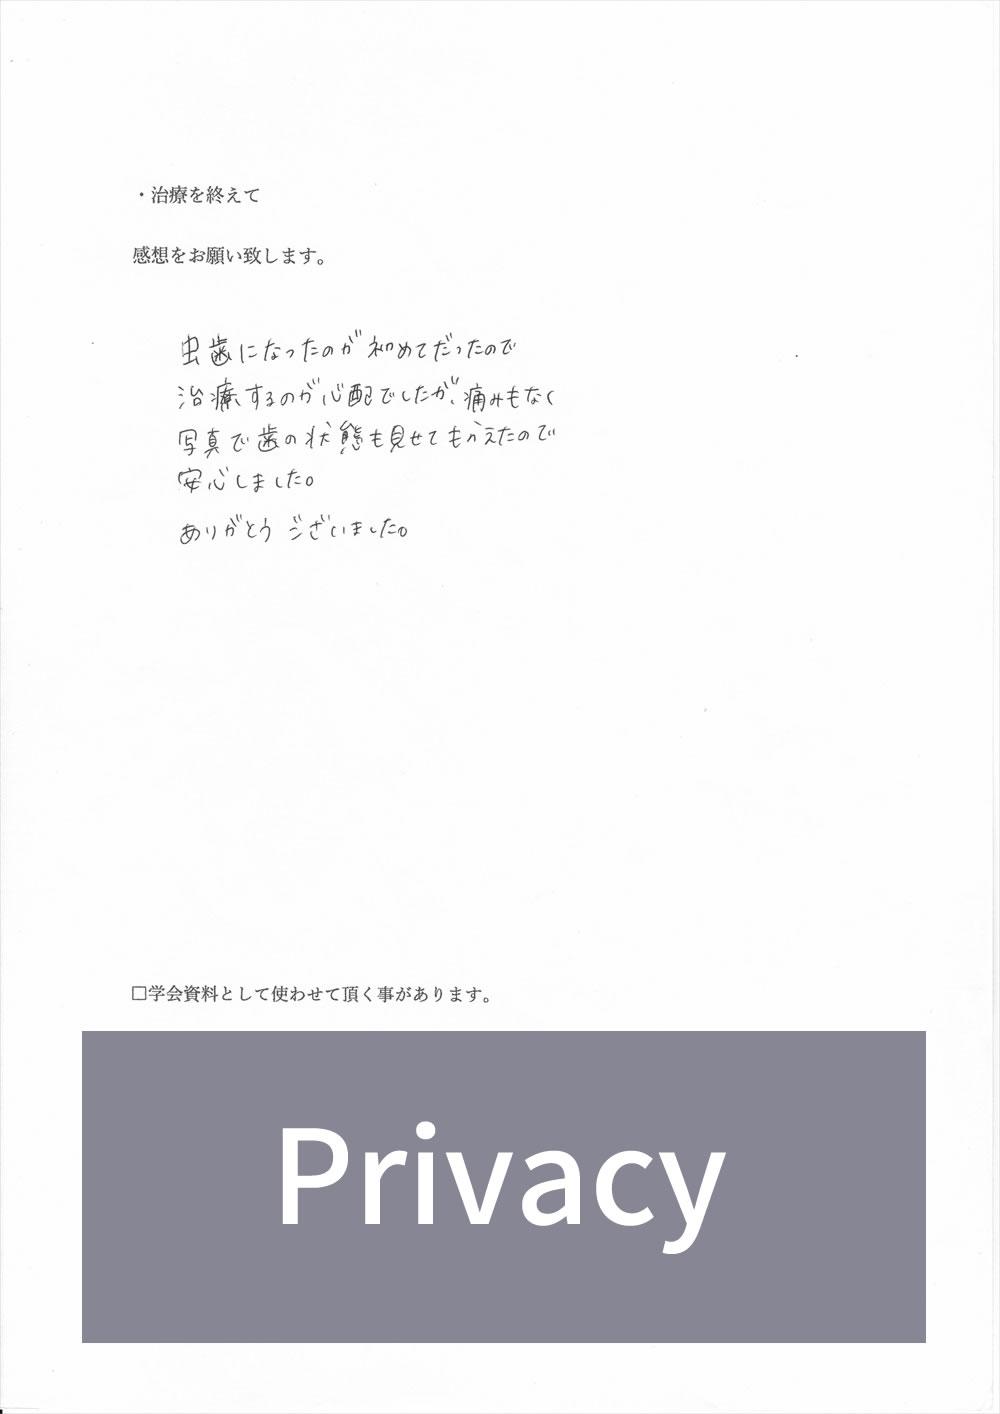 浦和もちまる歯科・矯正歯科の口コミ・評判アンケート4